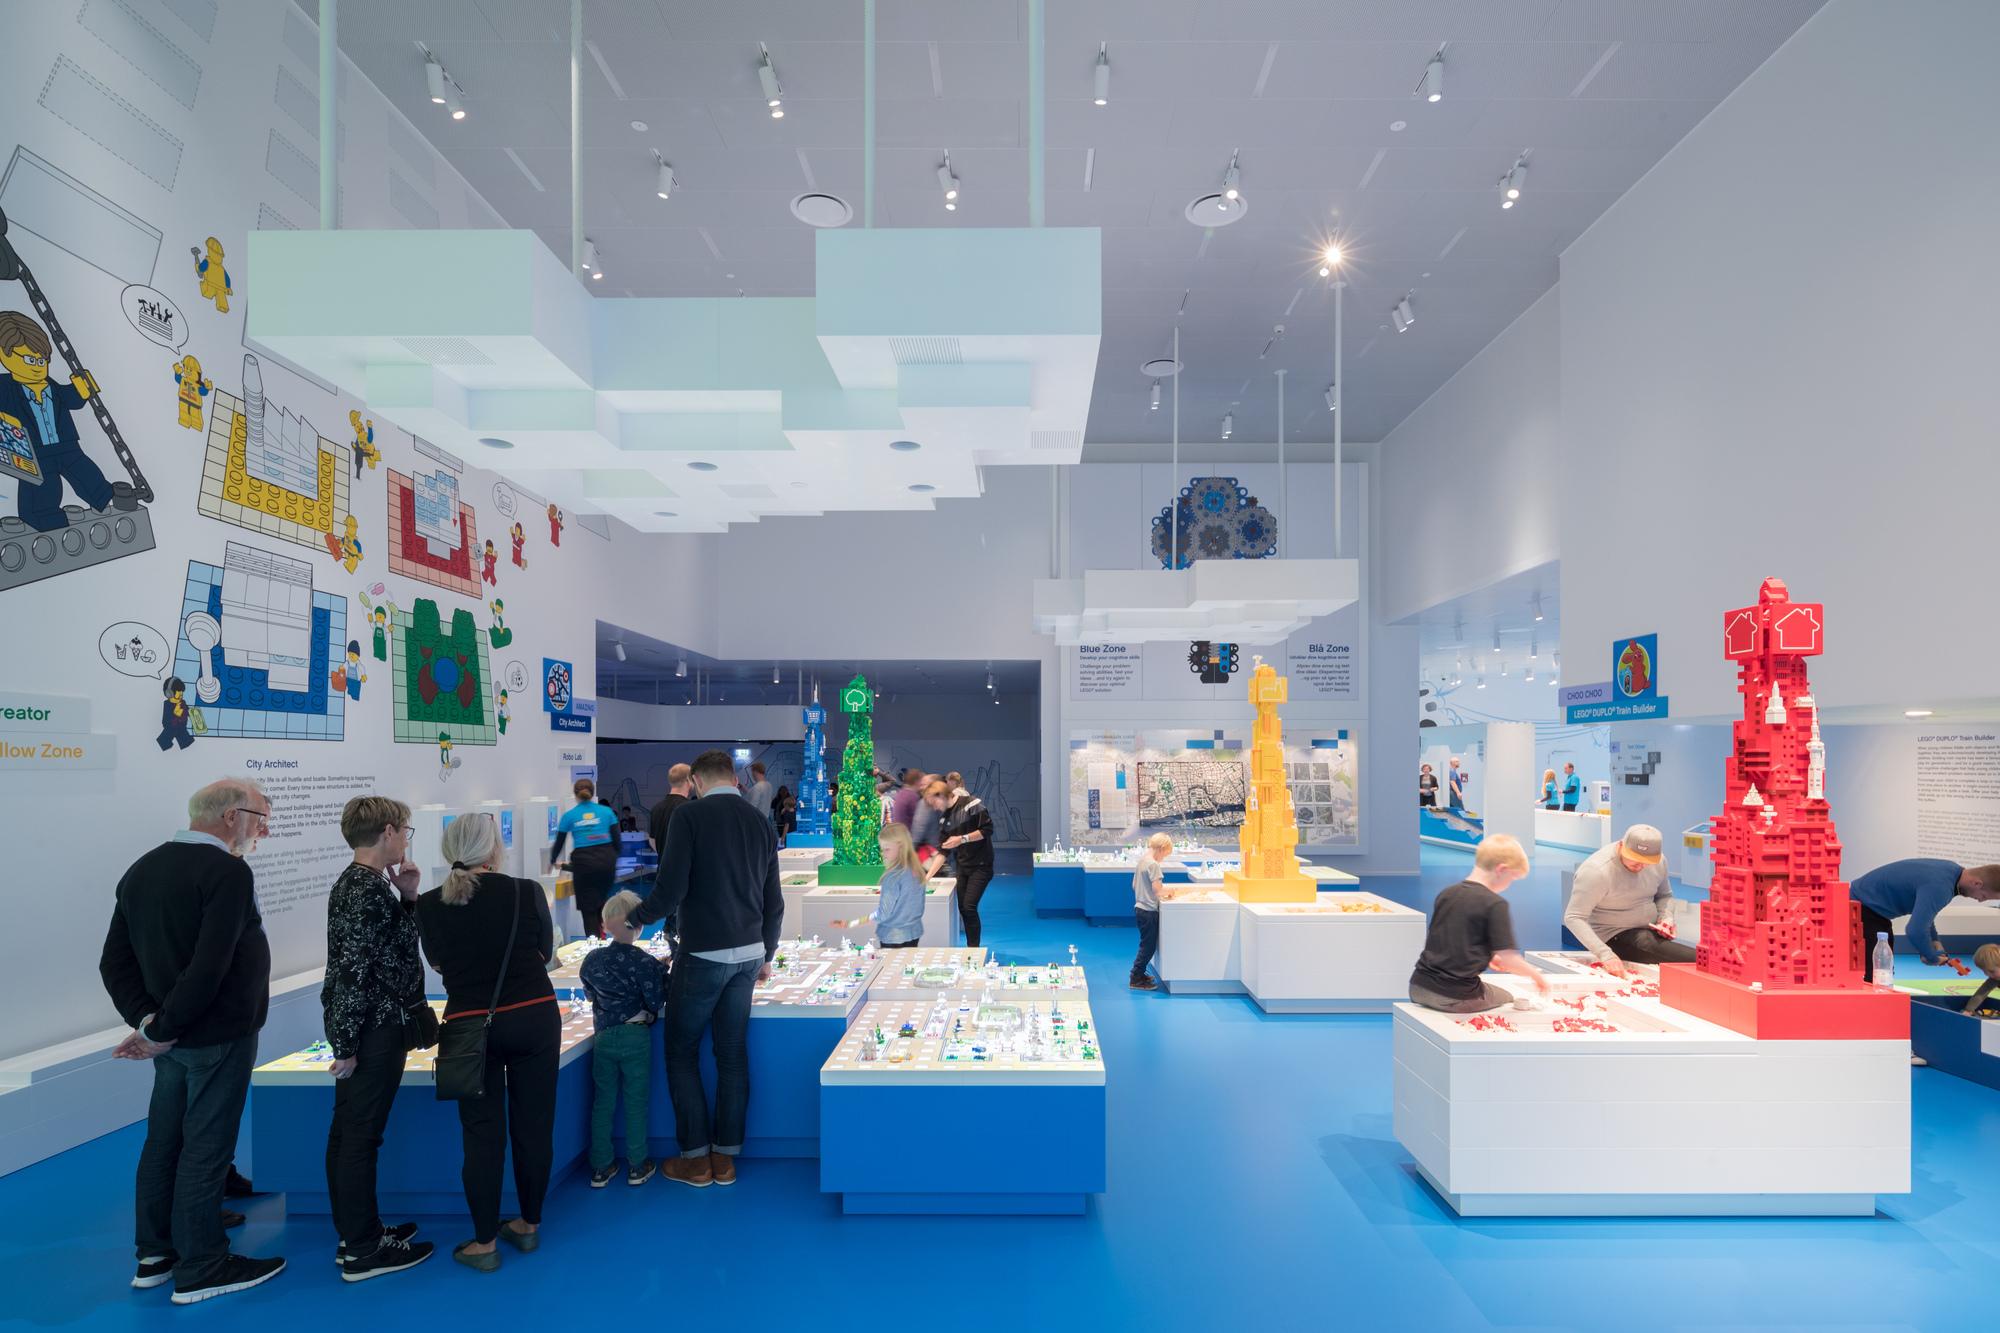 LEGO House / BIG | ArchDaily